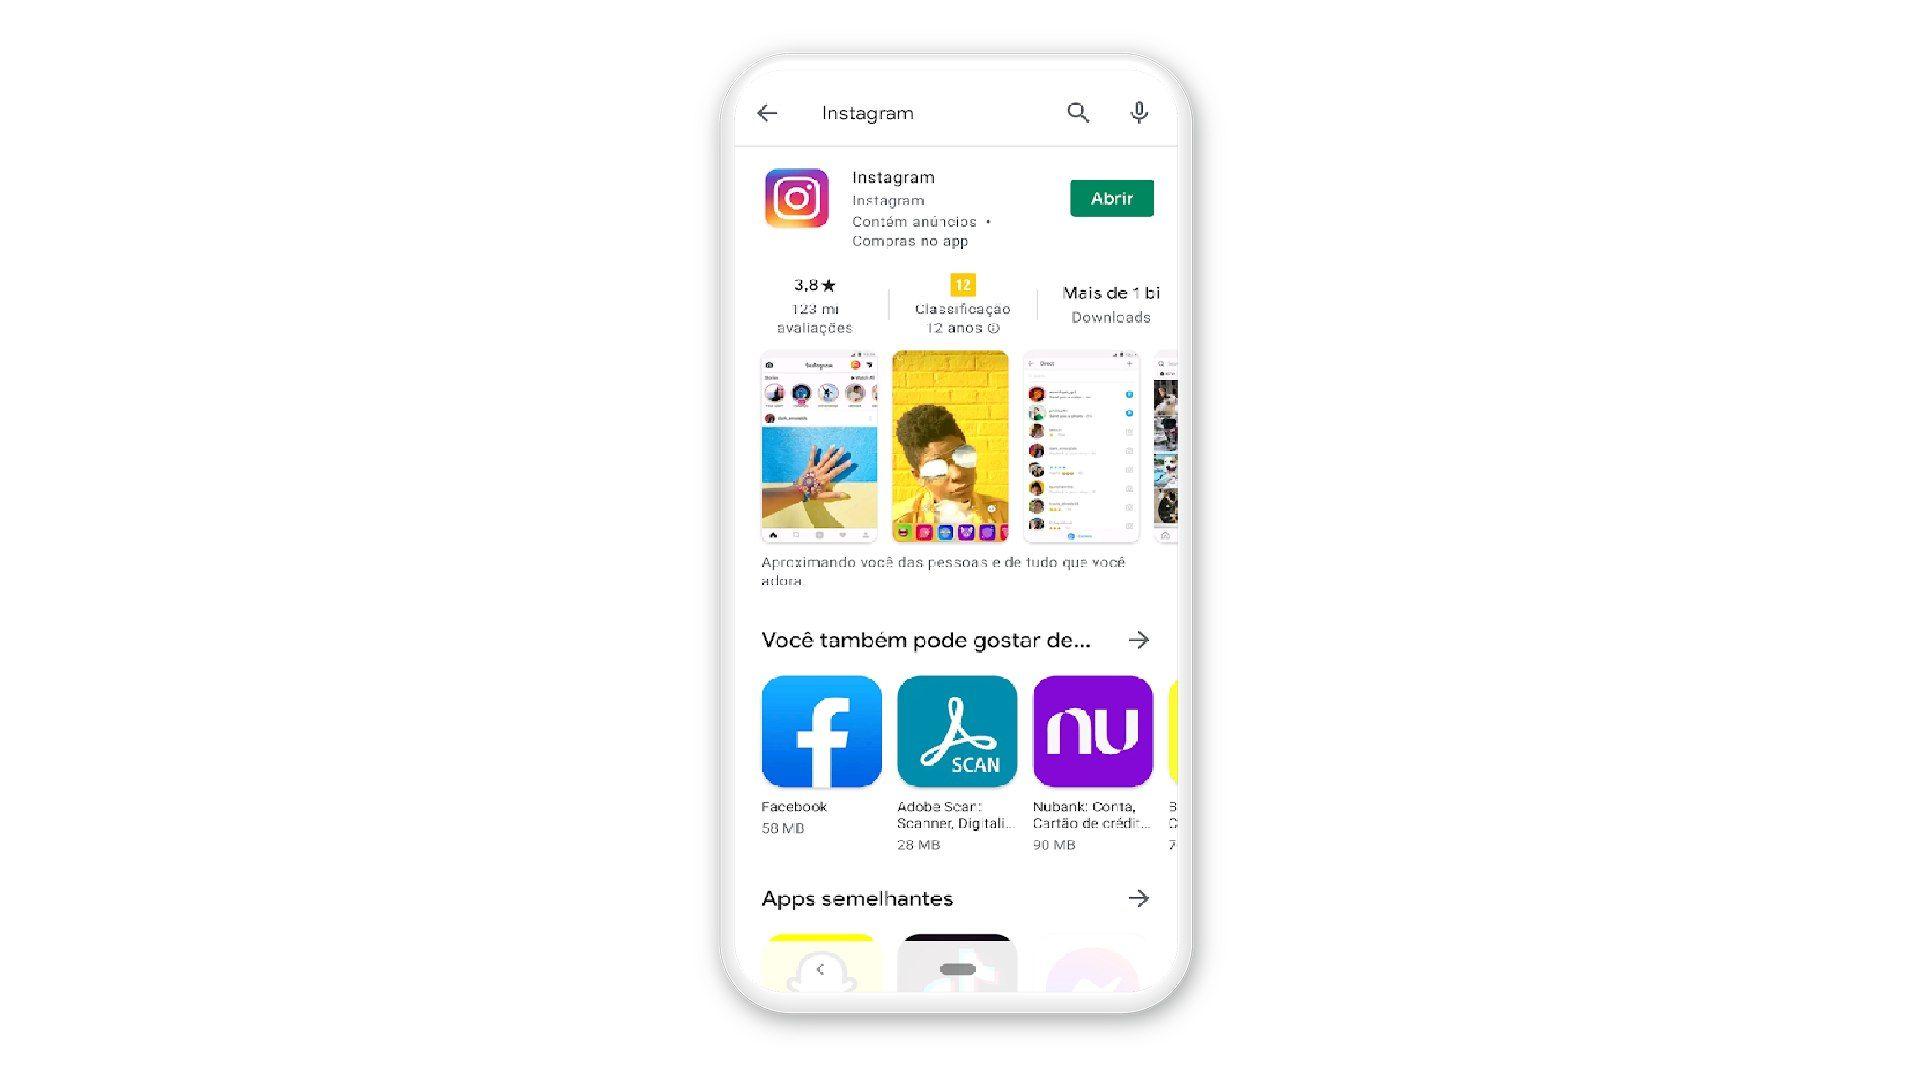 Tela do Android com pesquisa na Play Store por Instagram.